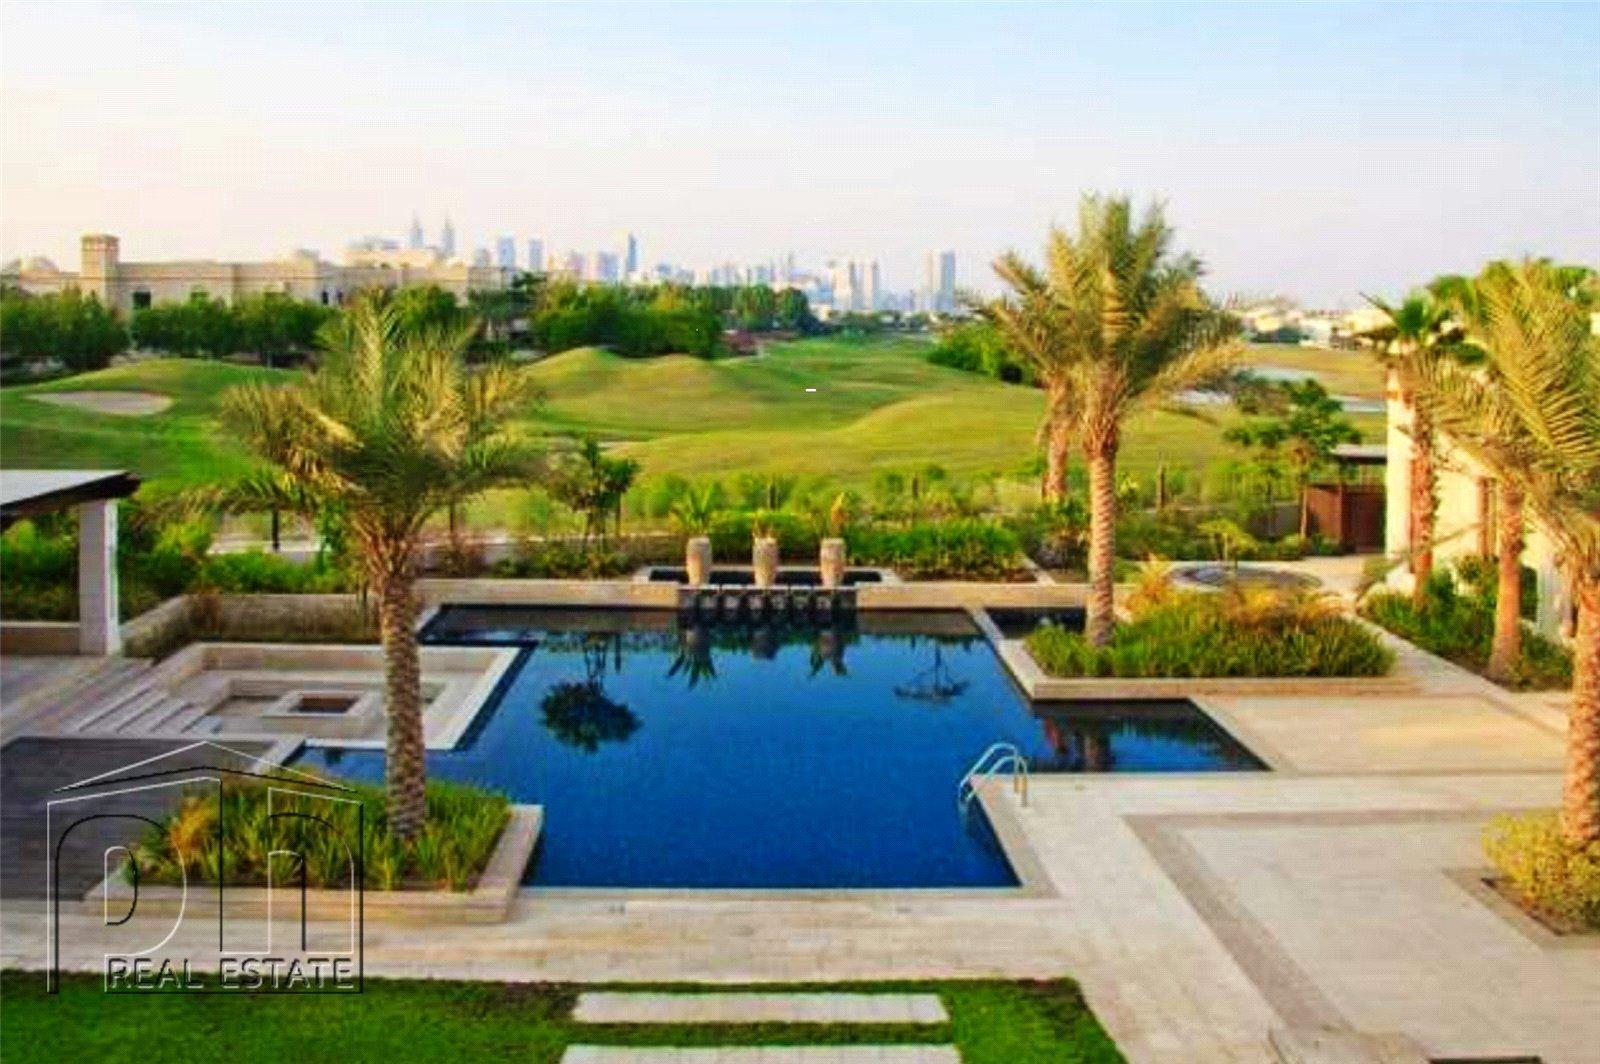 Villa in دبي, United Arab Emirates 1